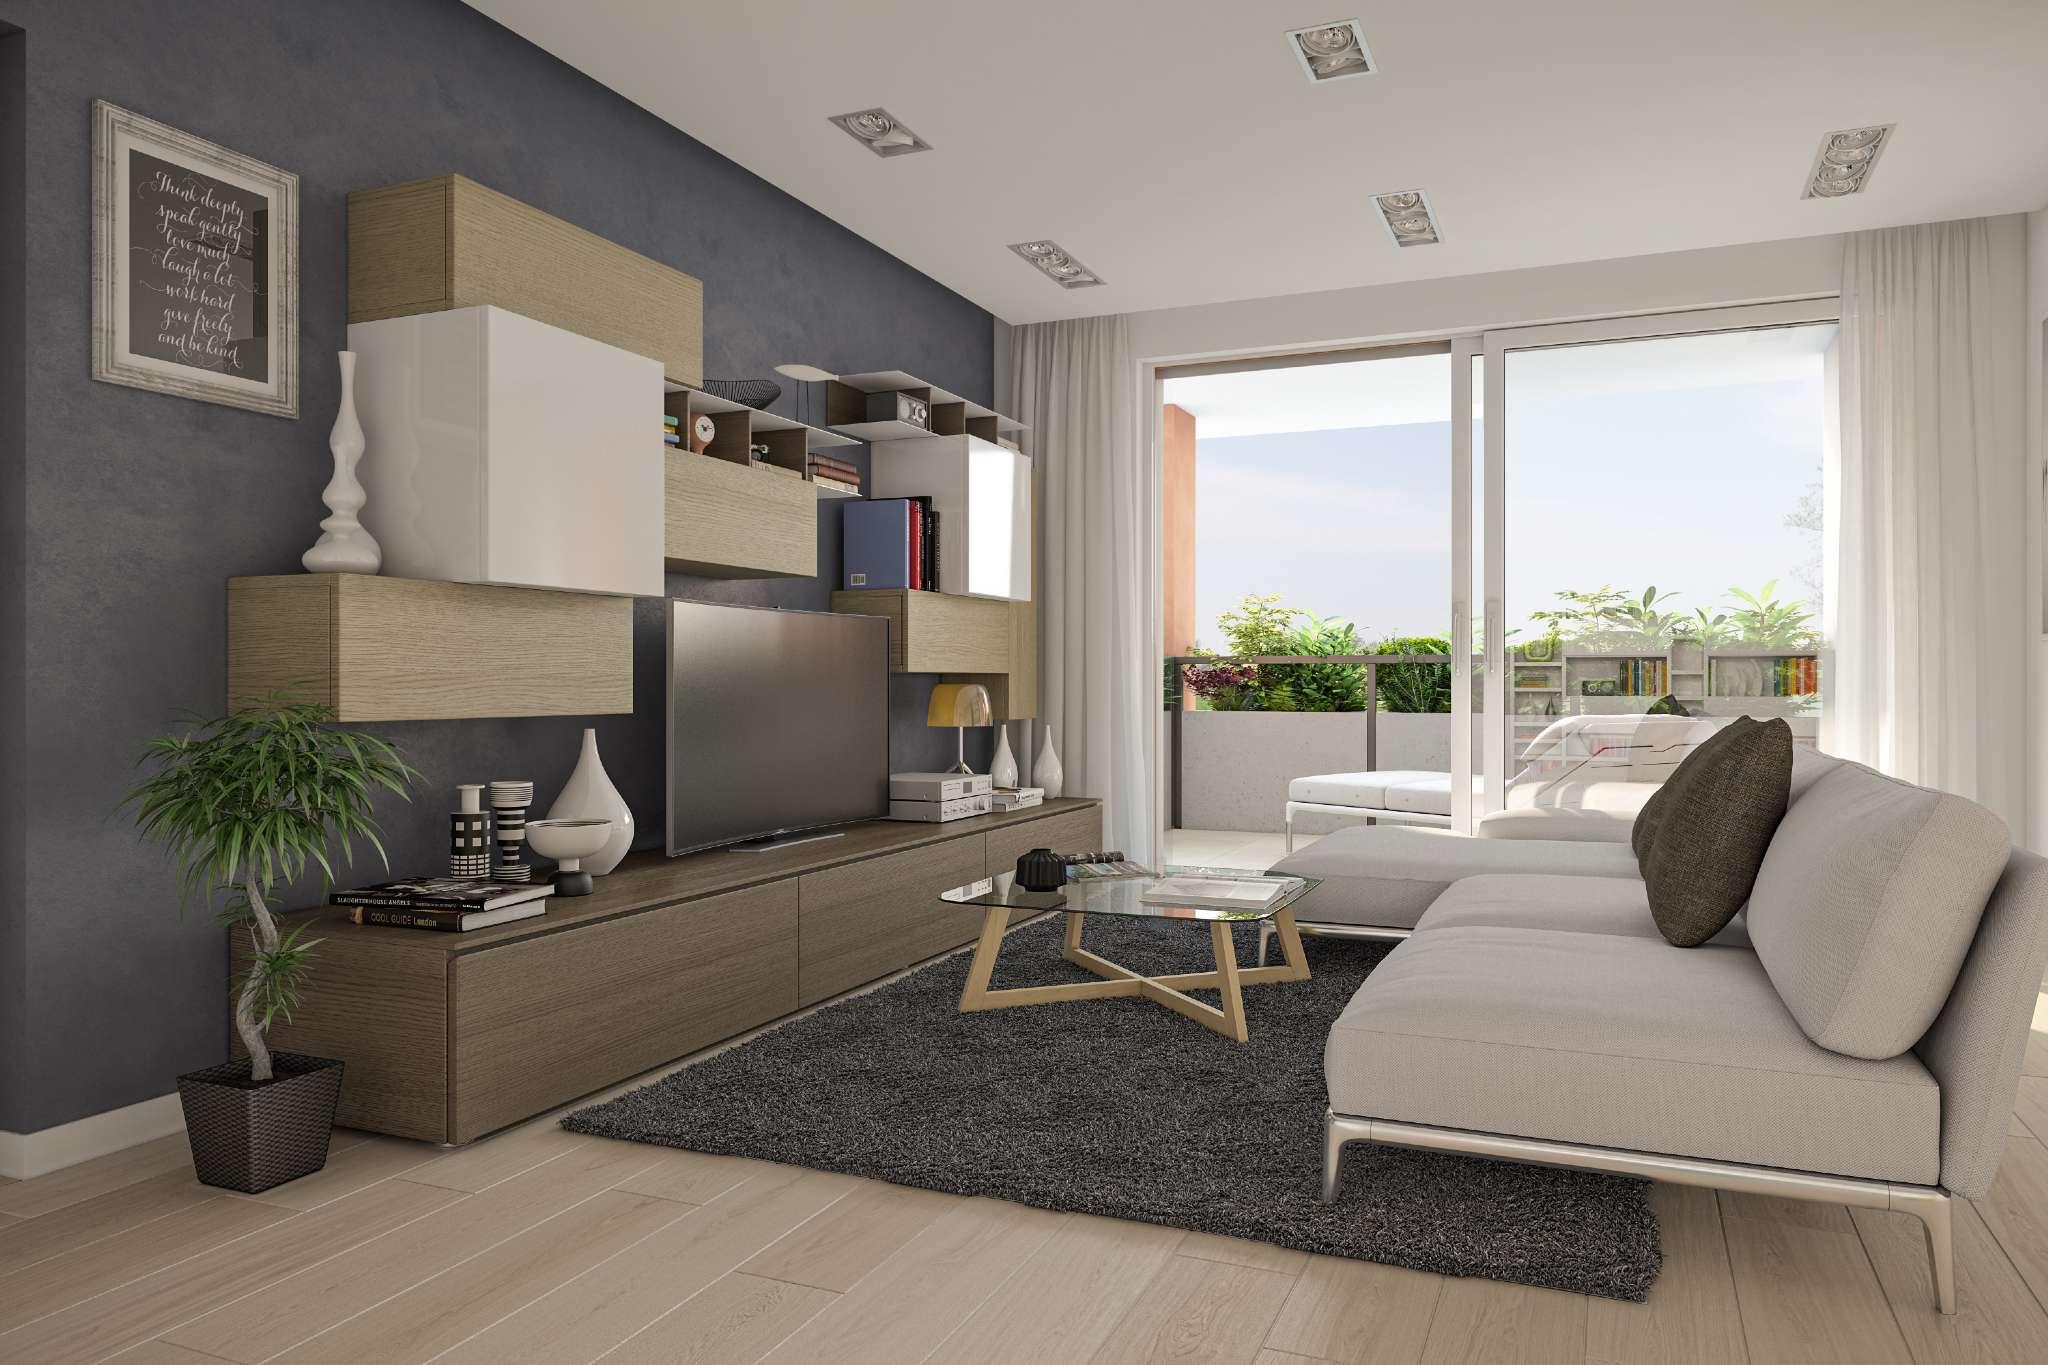 Appartamento in vendita a Cusago, 3 locali, prezzo € 310.000 | PortaleAgenzieImmobiliari.it